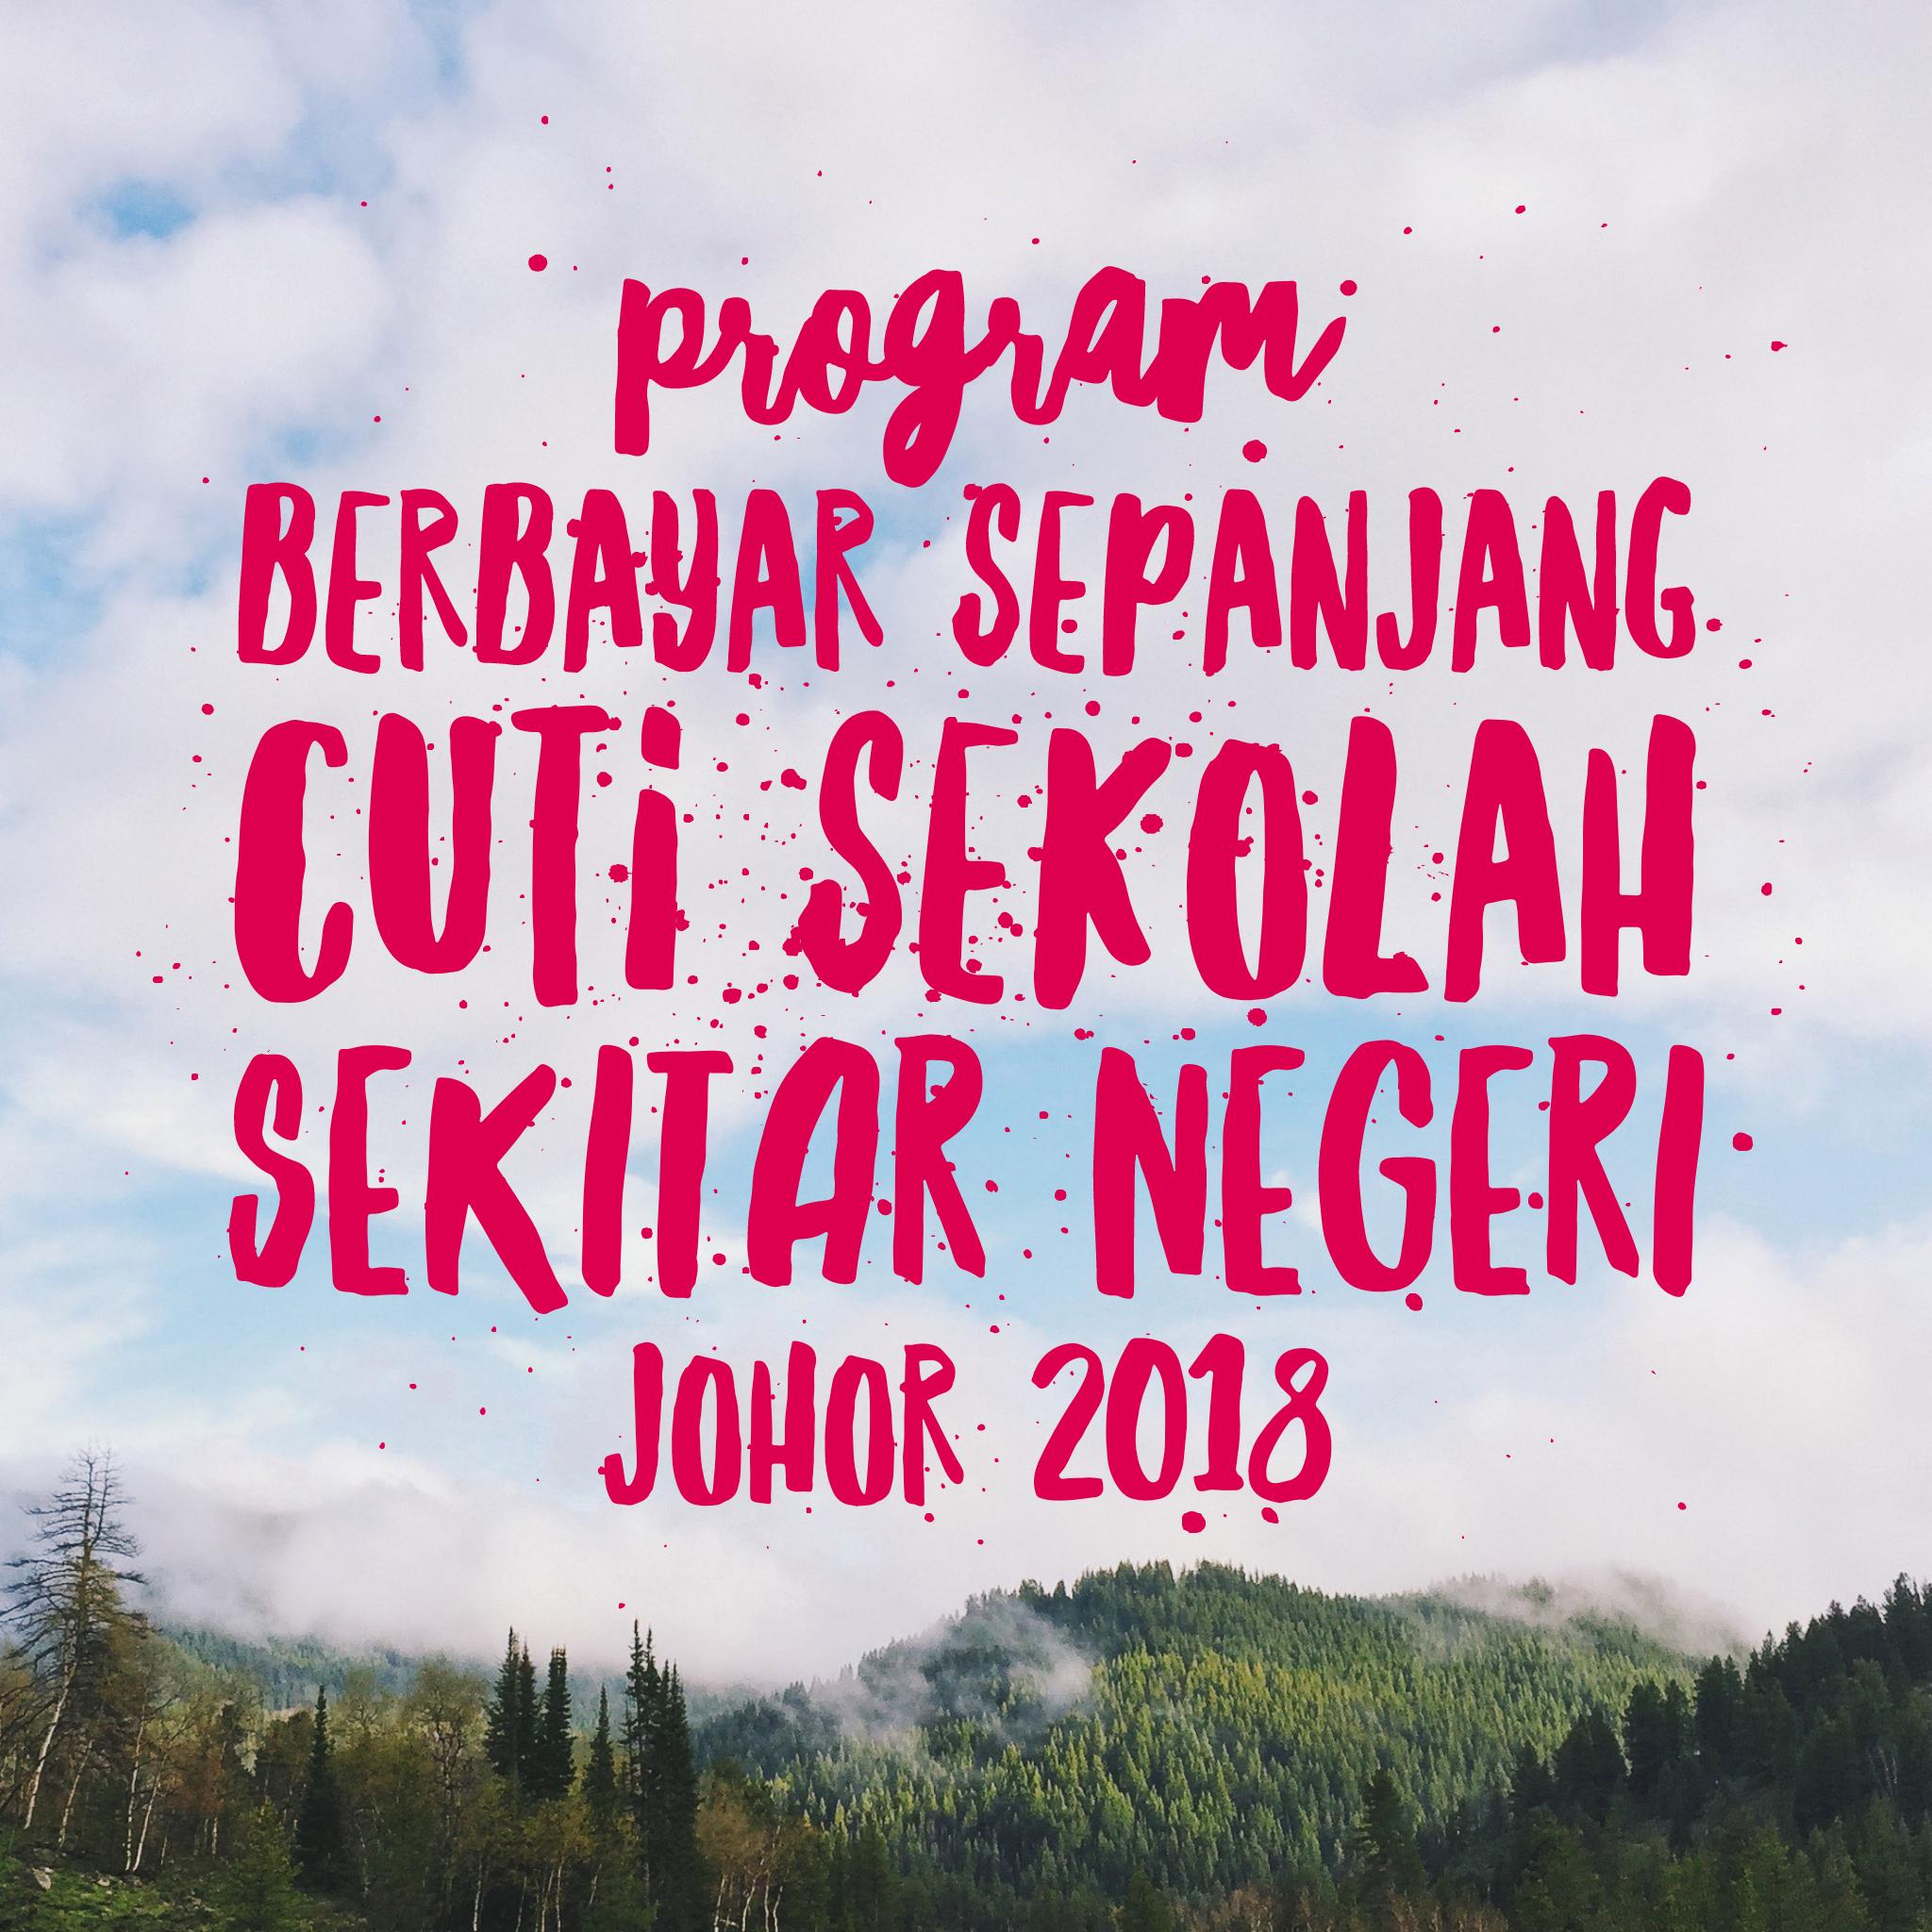 Program Berbayar Sepanjang Cuti Sekolah Sekitar Negeri Johor 2018